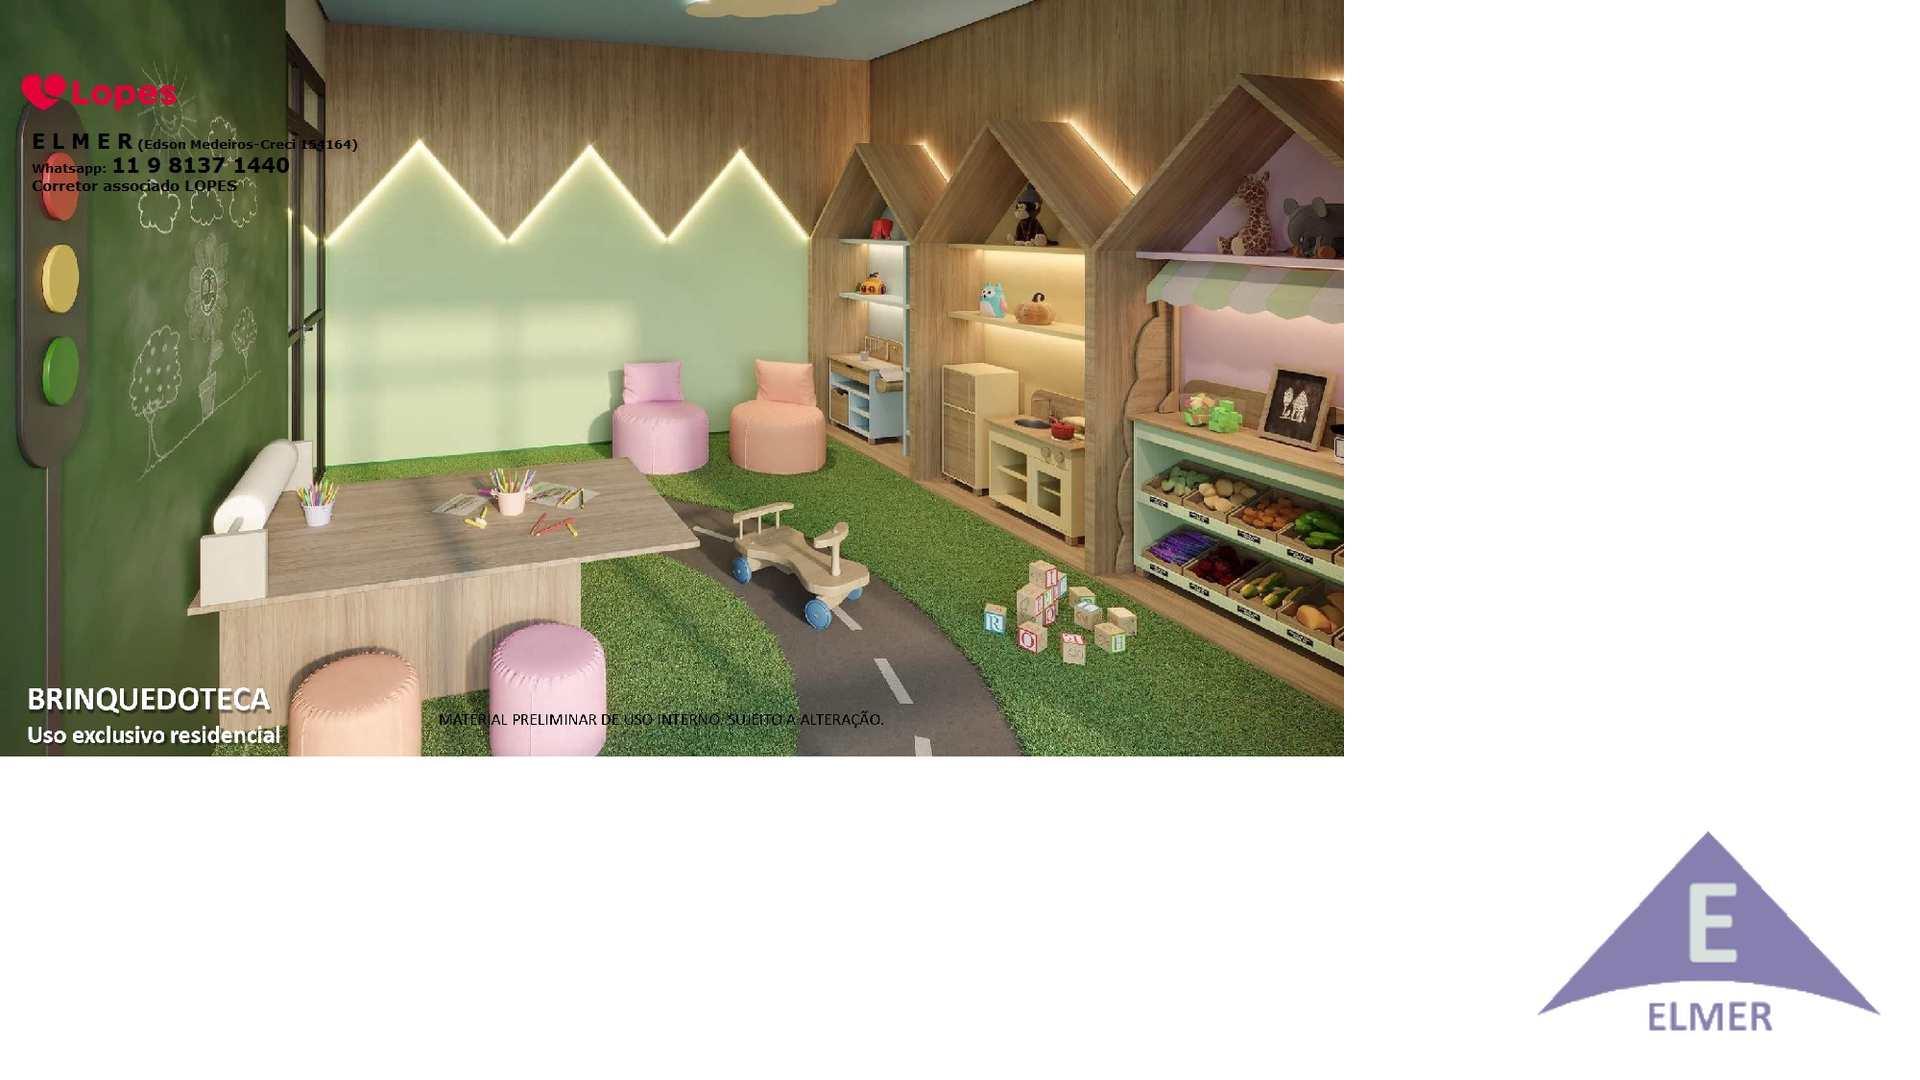 7 - Brinquedoteca - Haus Mitre -Campo-Belo - Elmer